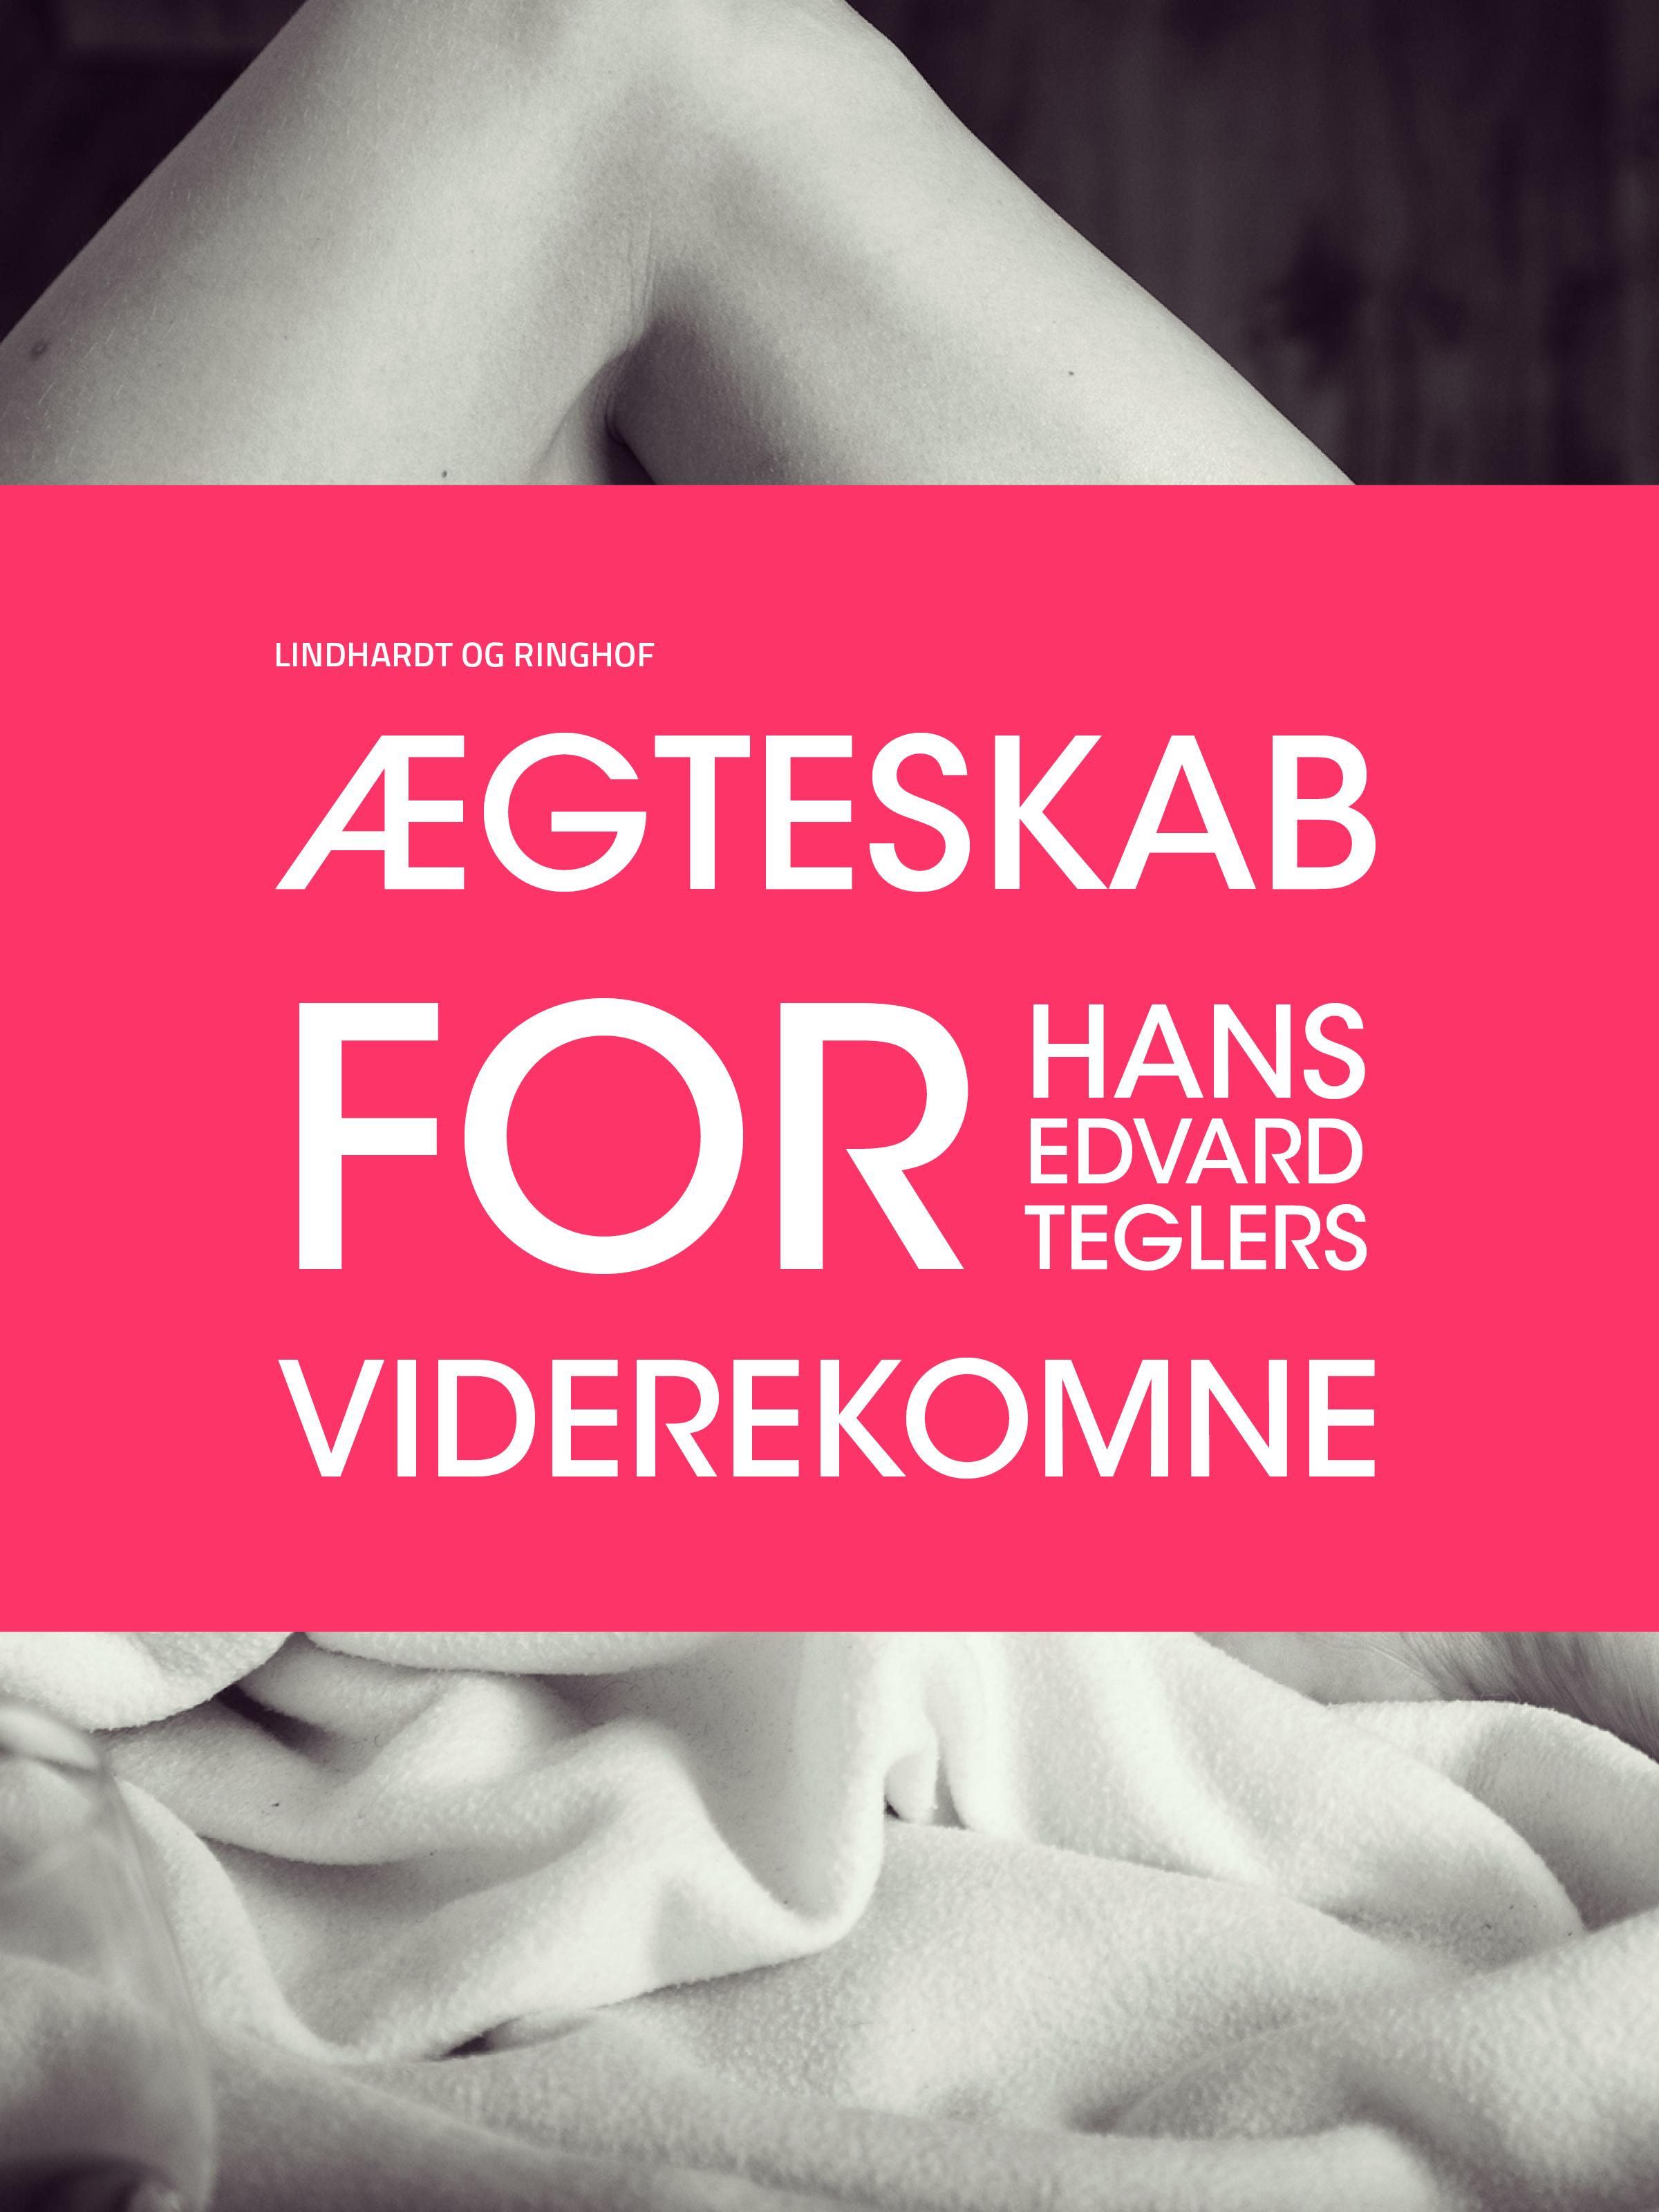 Ægteskab for viderekomne - E-bog